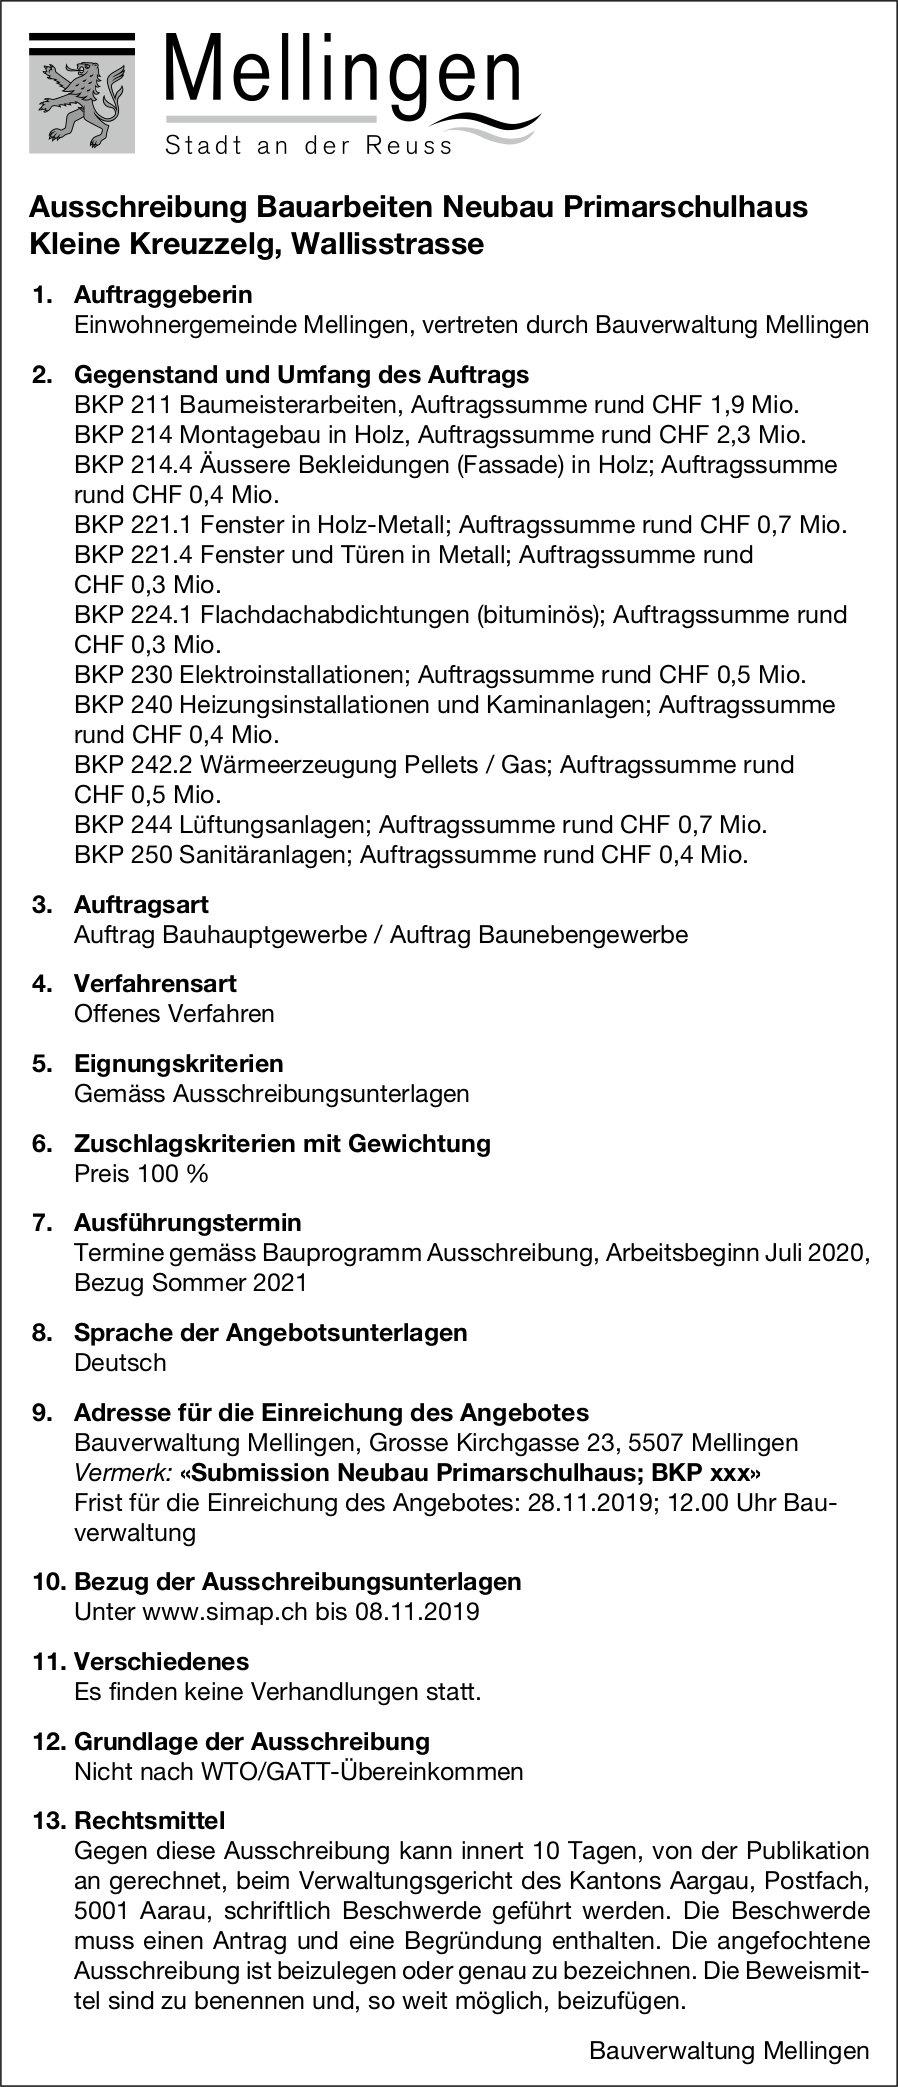 Mellingen - Ausschreibung Bauarbeiten Neubau Primarschulhaus Kleine Kreuzzelg, Wallisstrasse